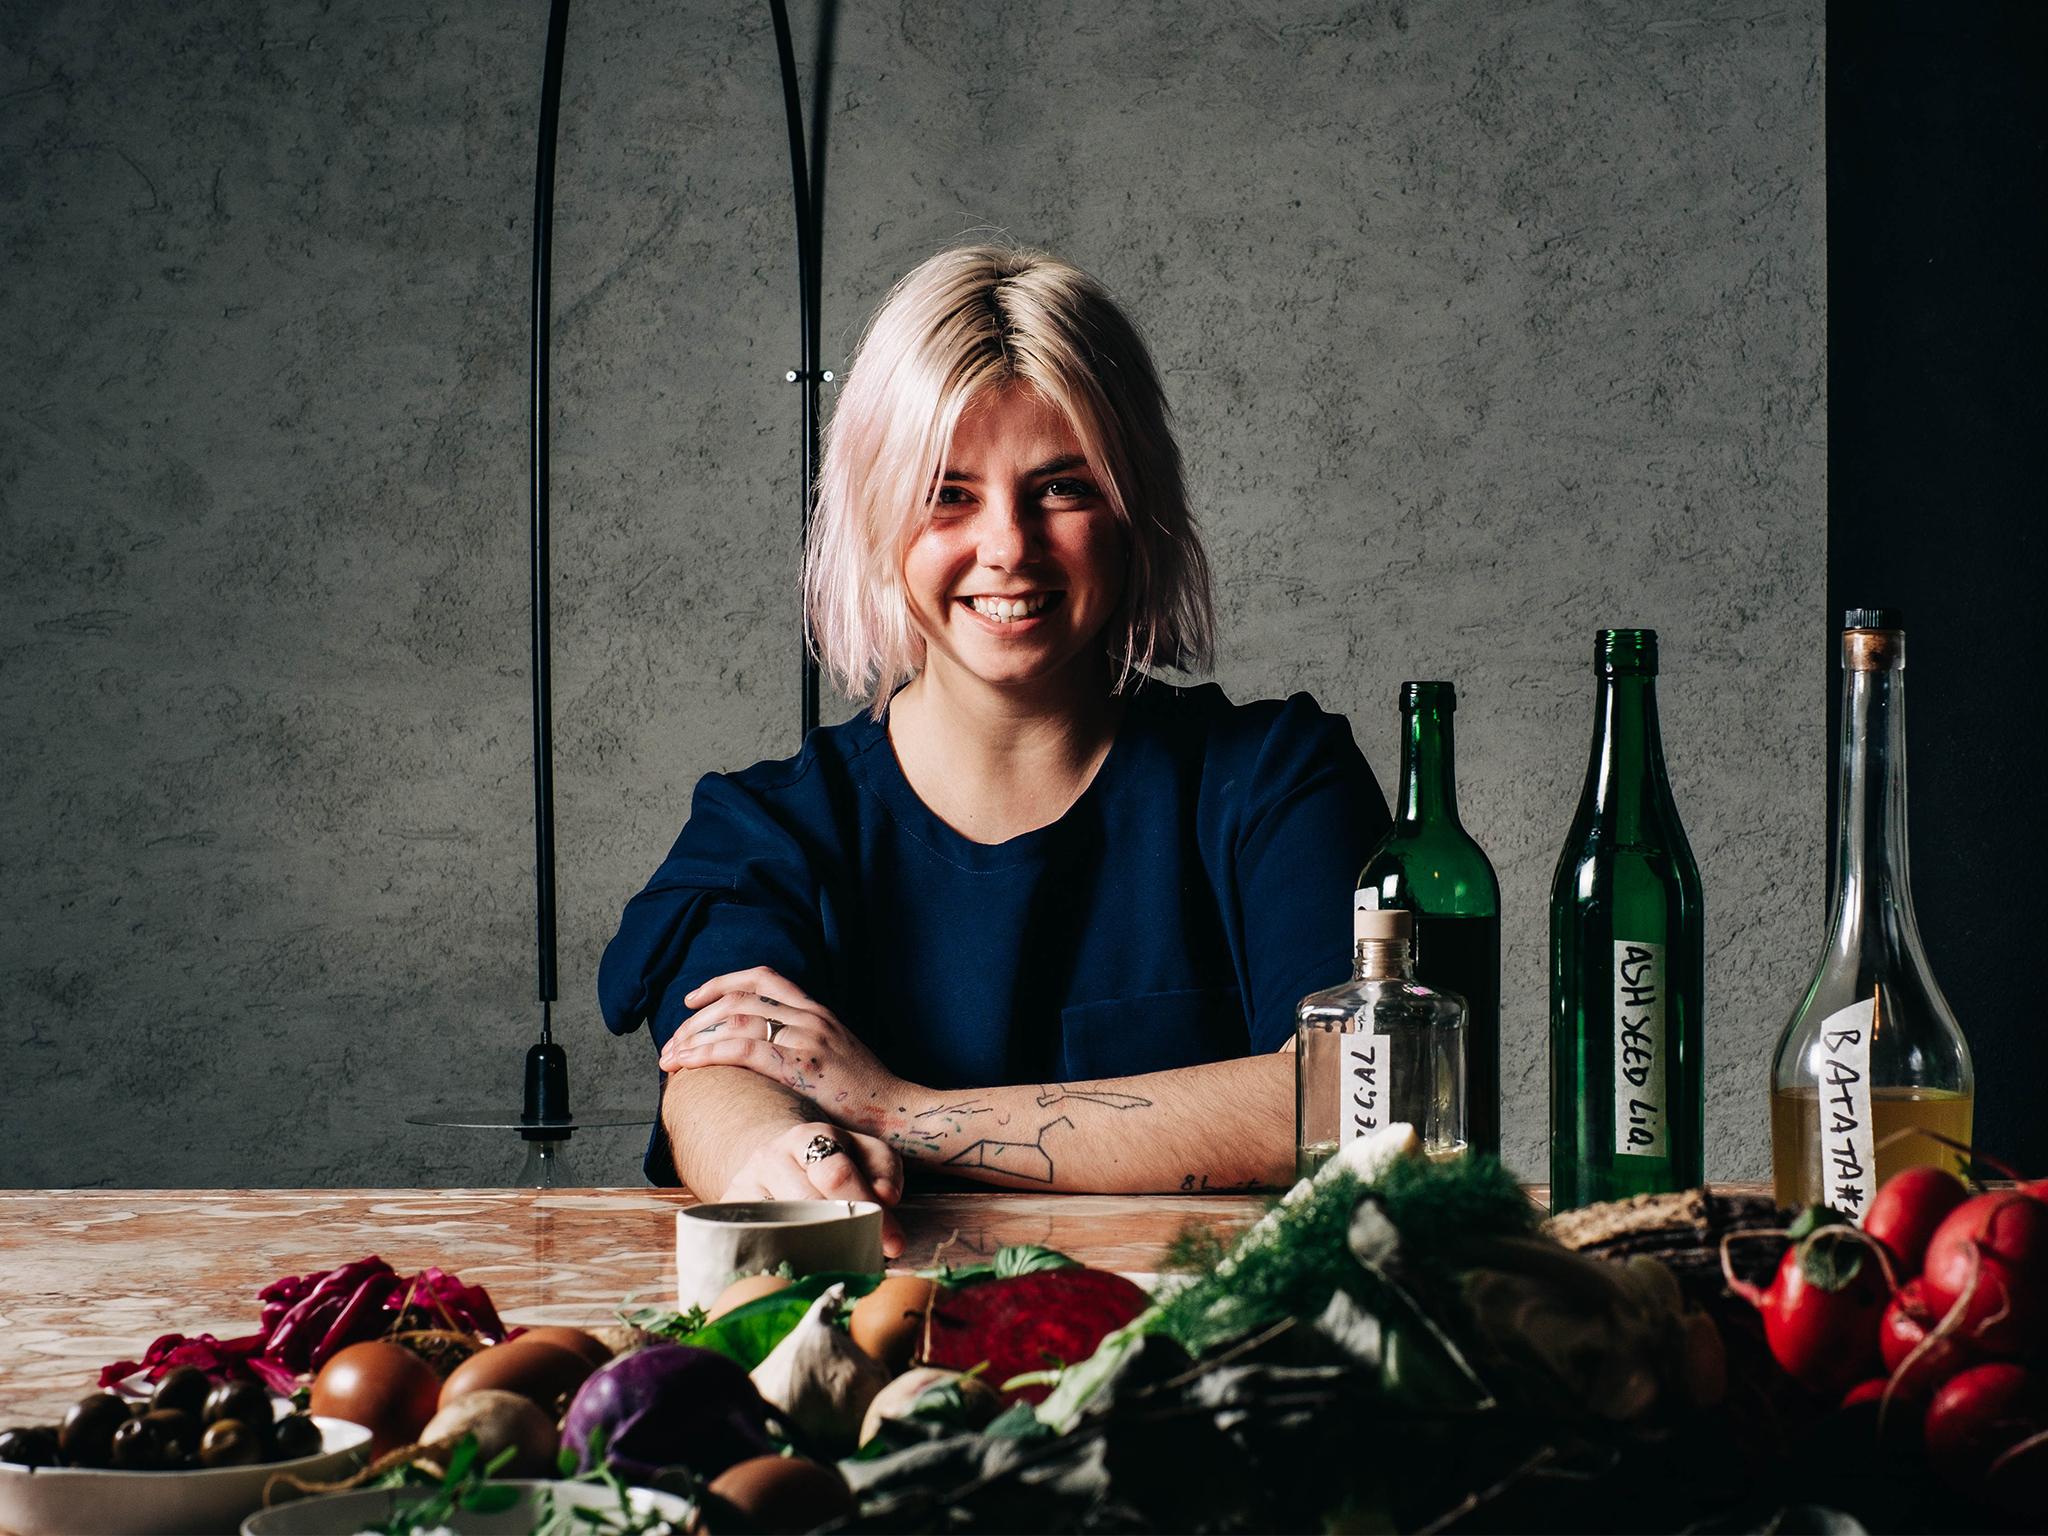 Há one-night stands com chefs na Toca da Raposa